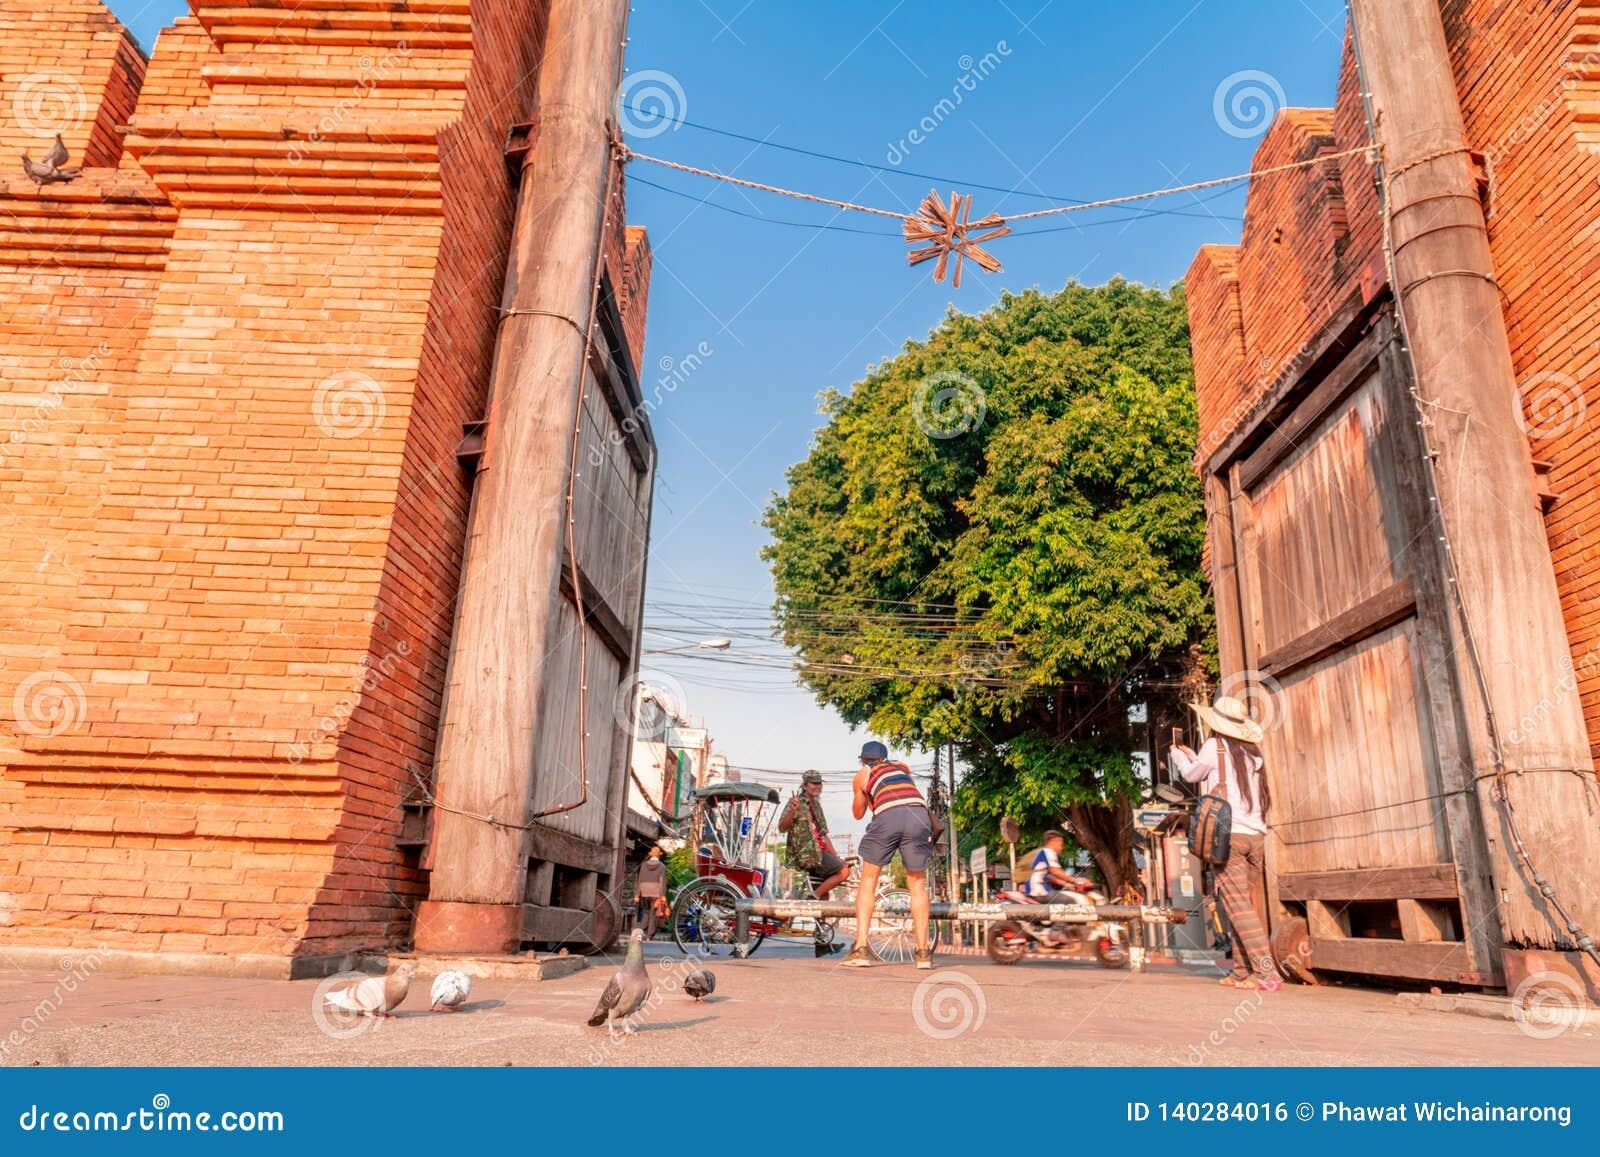 Турист снял фото профессионального фотографа который также фотографировал водитель трицикла на воротах Thapae